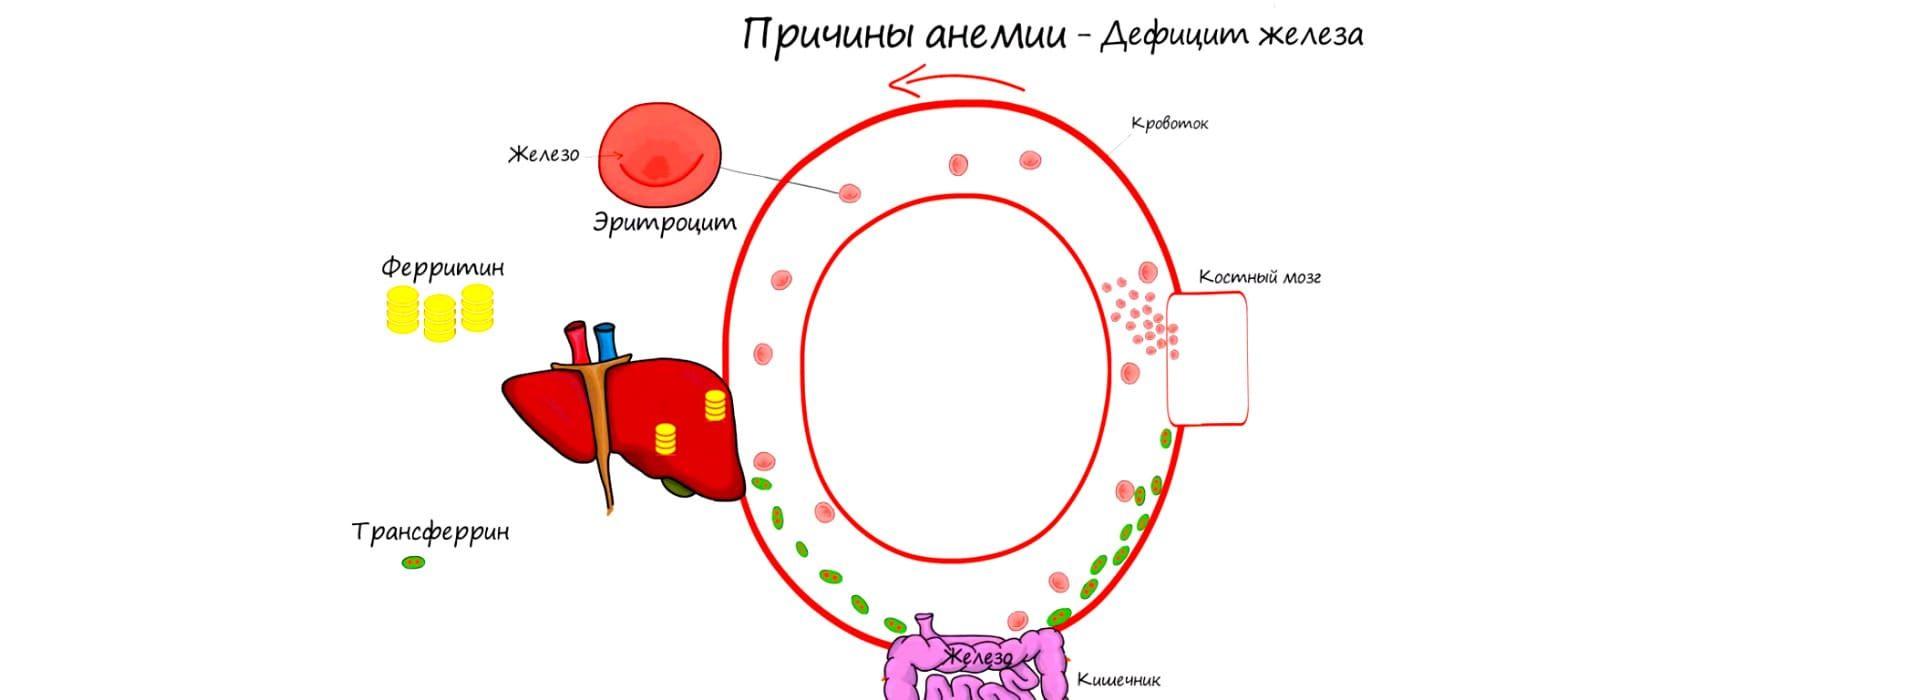 Наиболее частые причины анемии